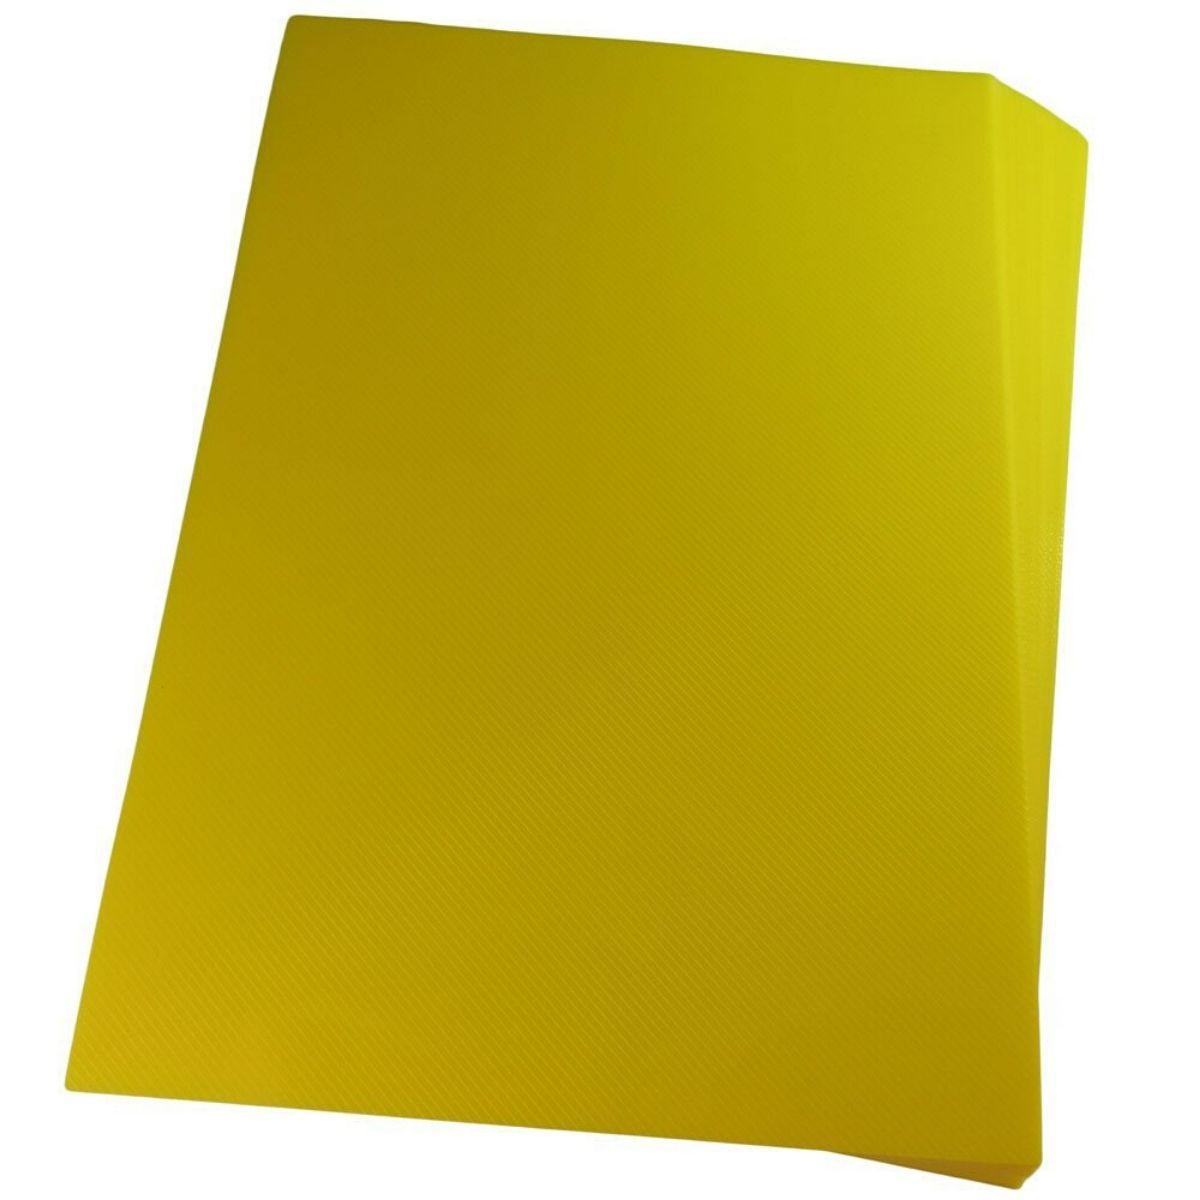 Capa para Encadernação PP 0,30mm A4 Amarela Line (Frente) - Pacote com 100 unidades  - Click Suprimentos